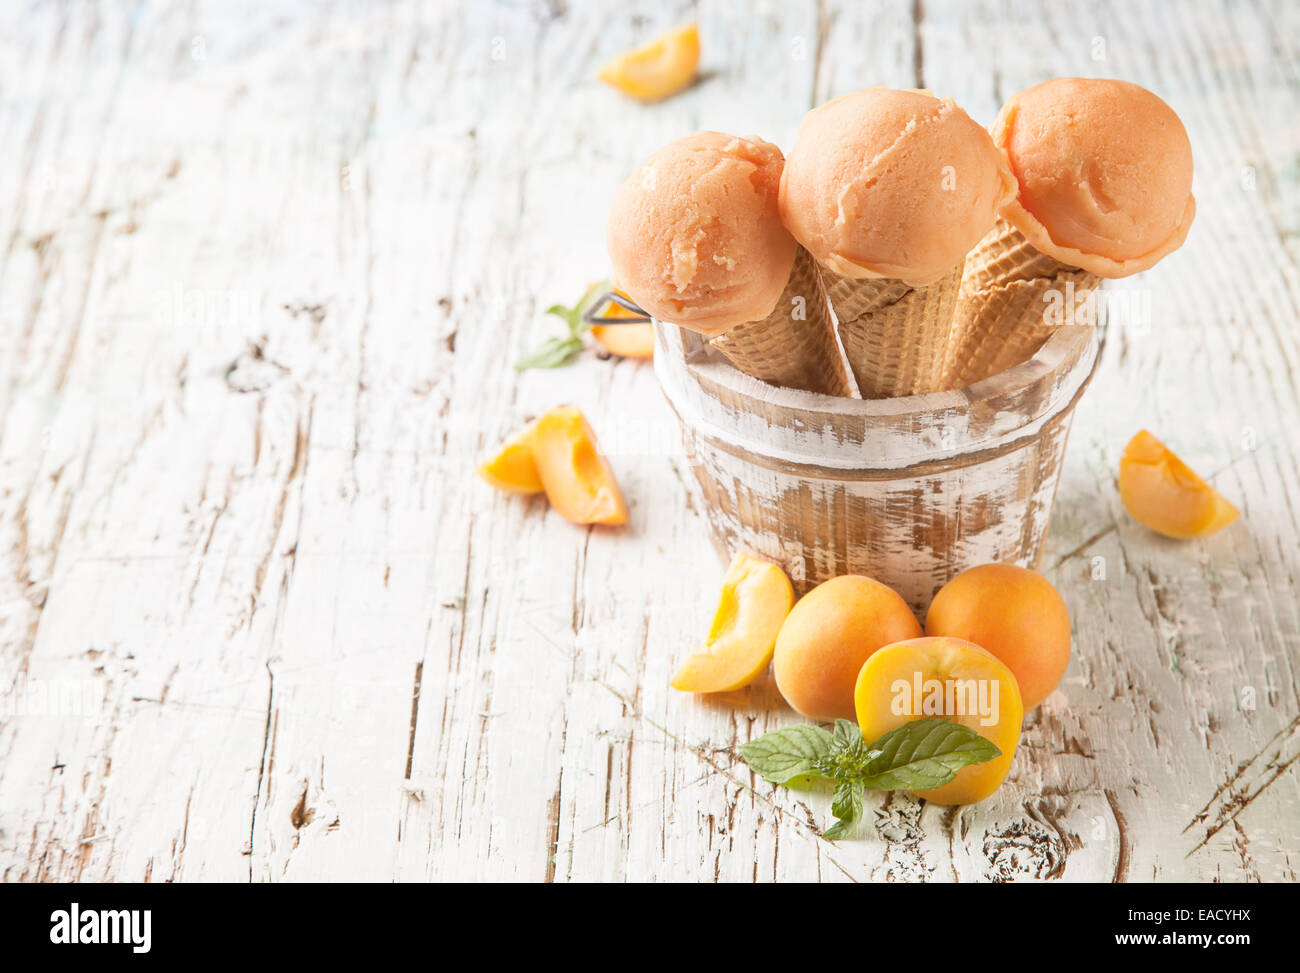 Studio photo de boules de glace dans les cônes alvéolés. Servi sur des planches Photo Stock